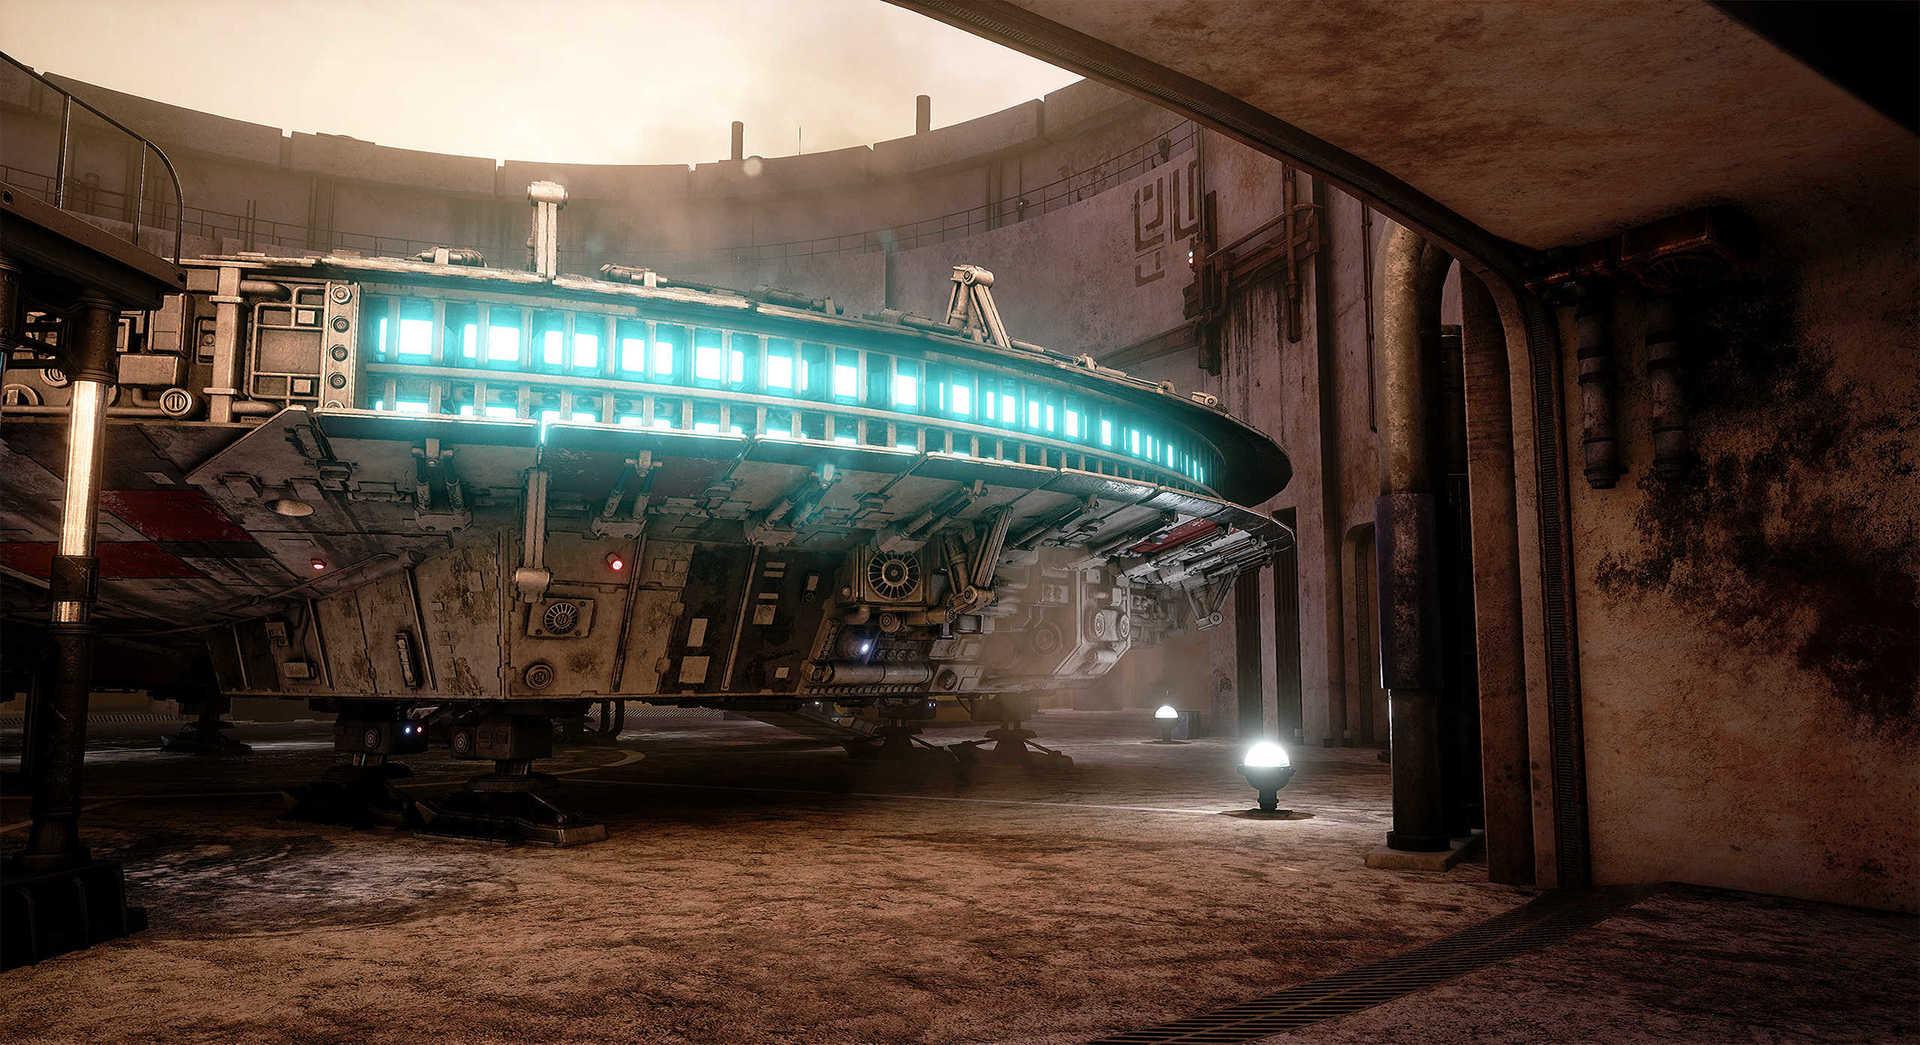 Создание сцены из Star Wars в Unreal Engine 4 - 1